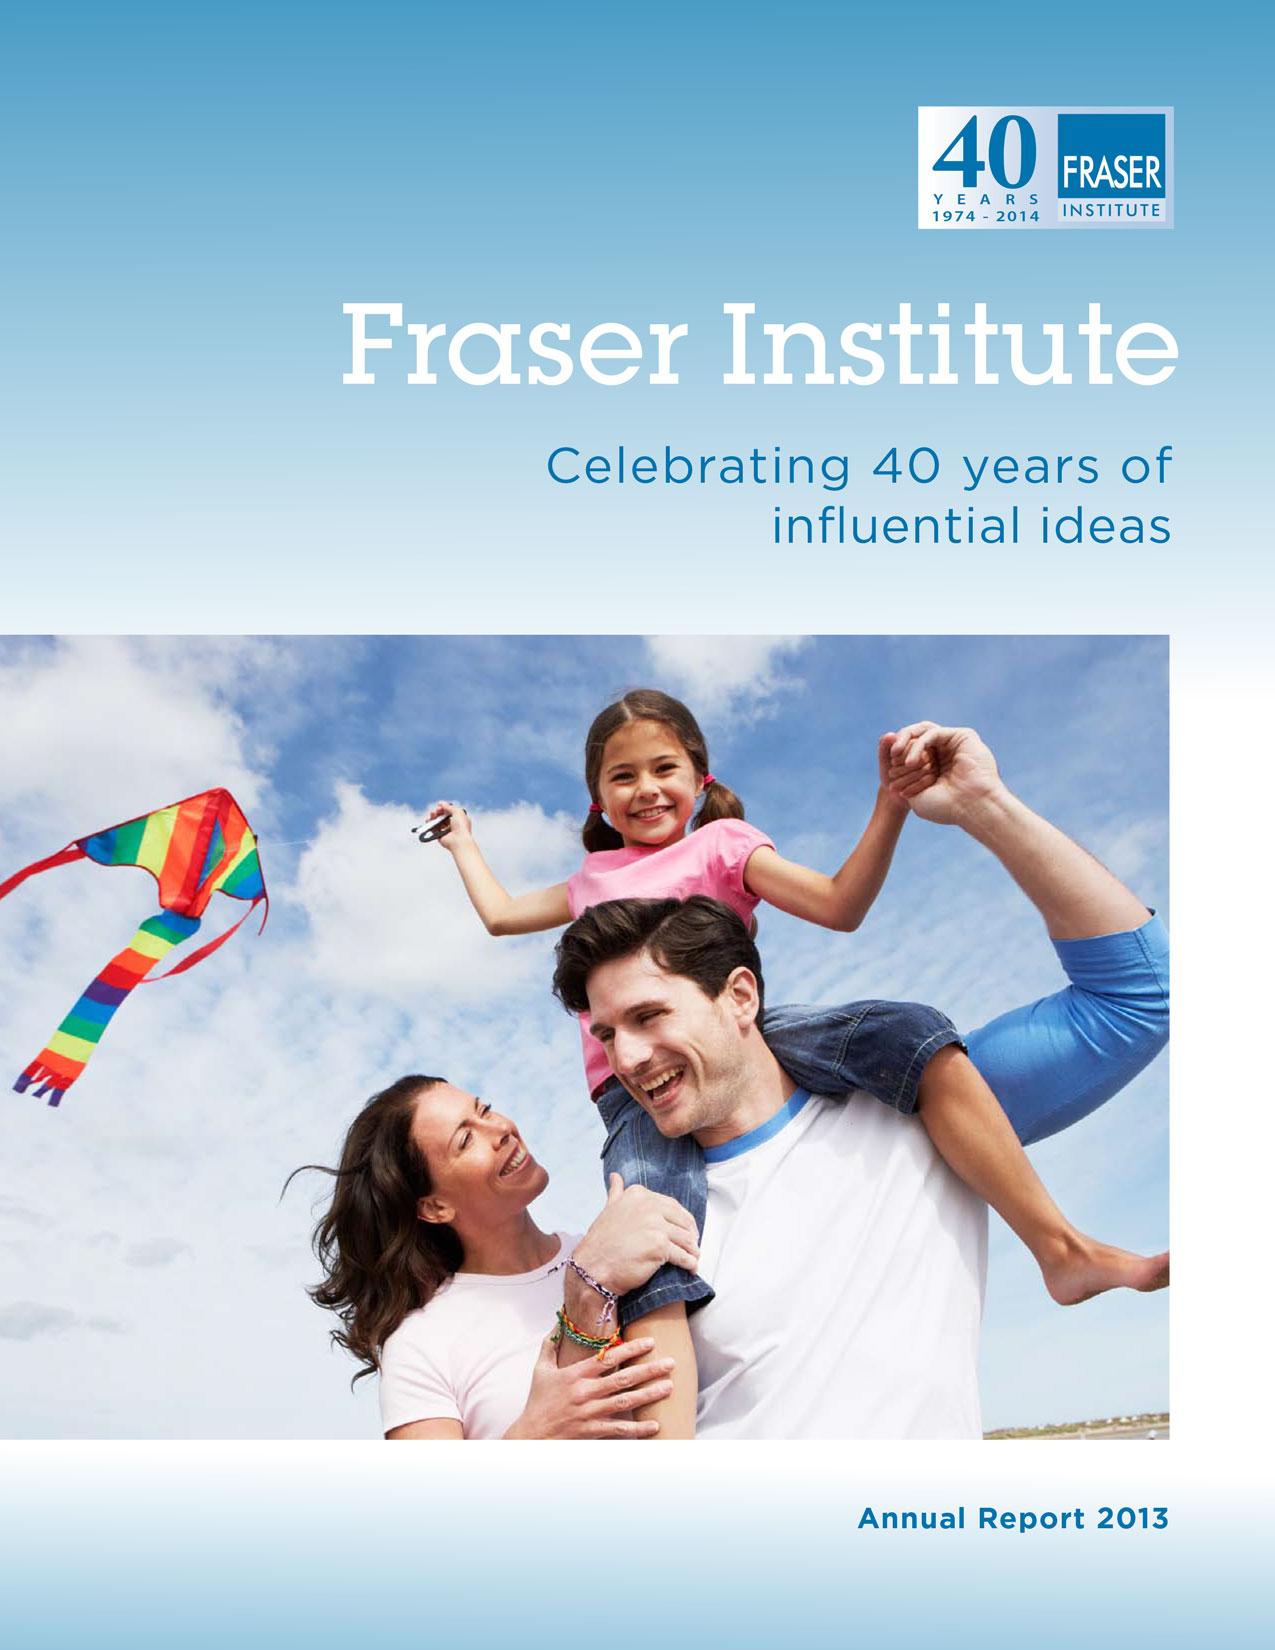 Fraser Institute Annual Report 2013